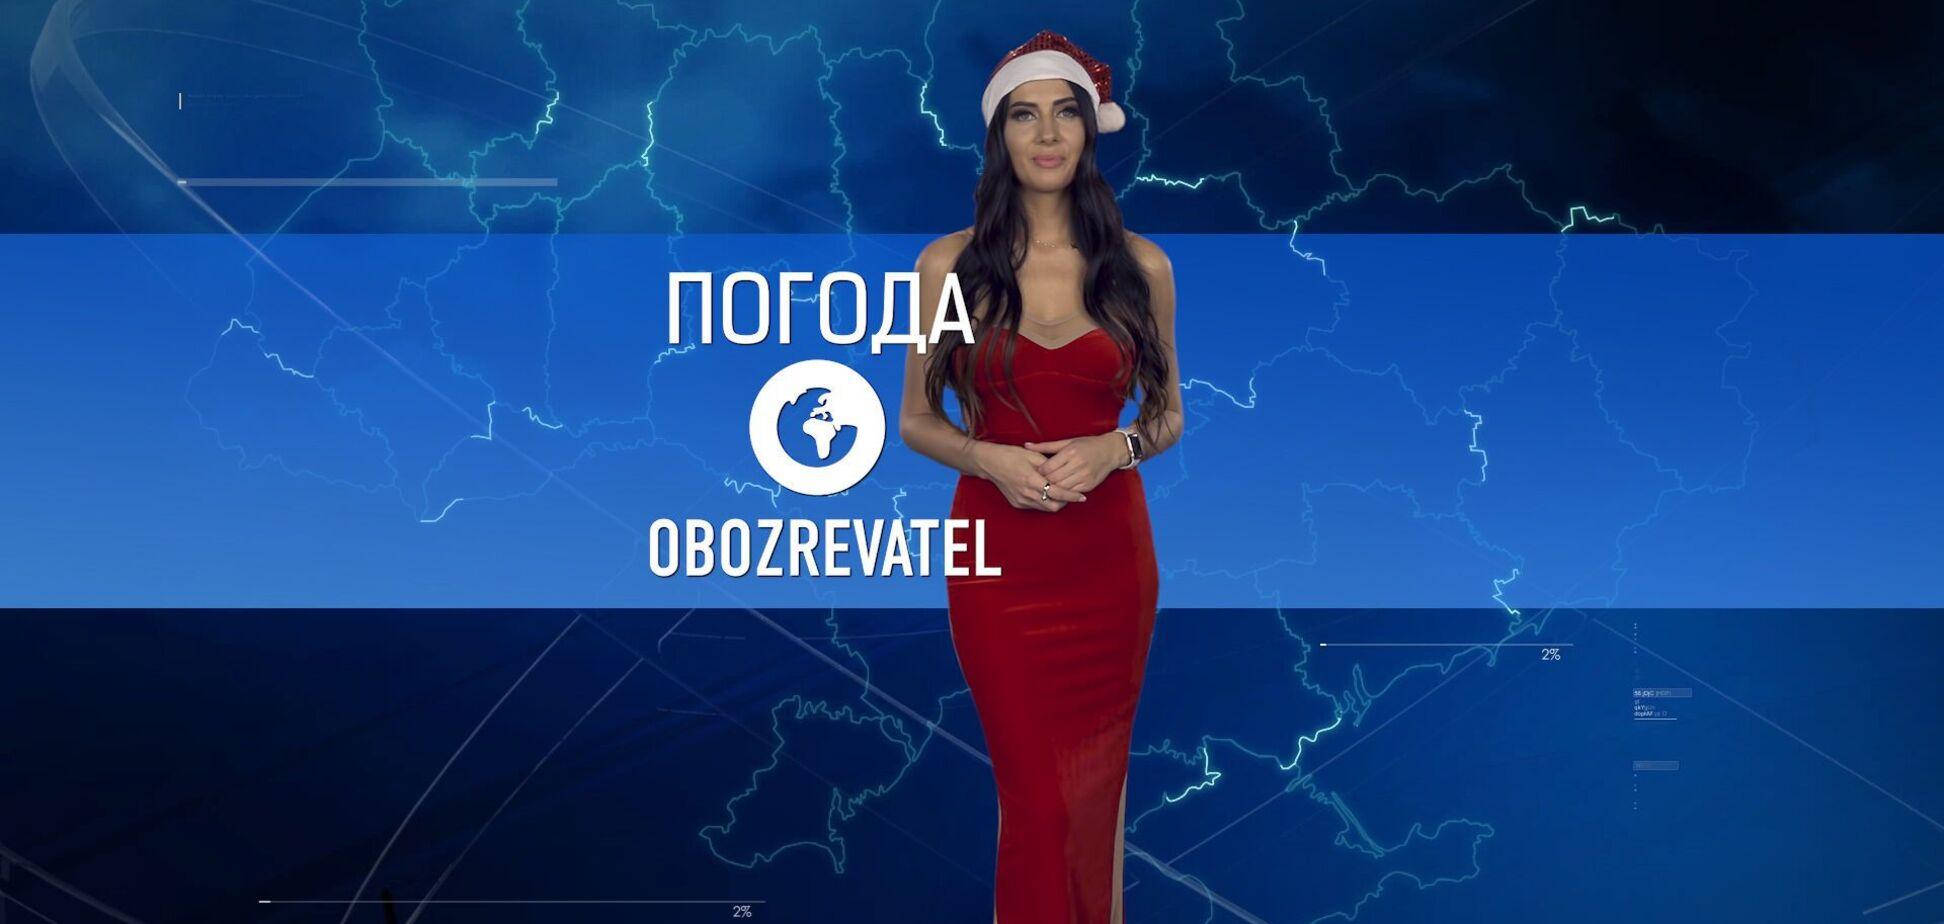 Прогноз погоди в Україні на п'ятницю 25 грудня, з Алісою Мярковською